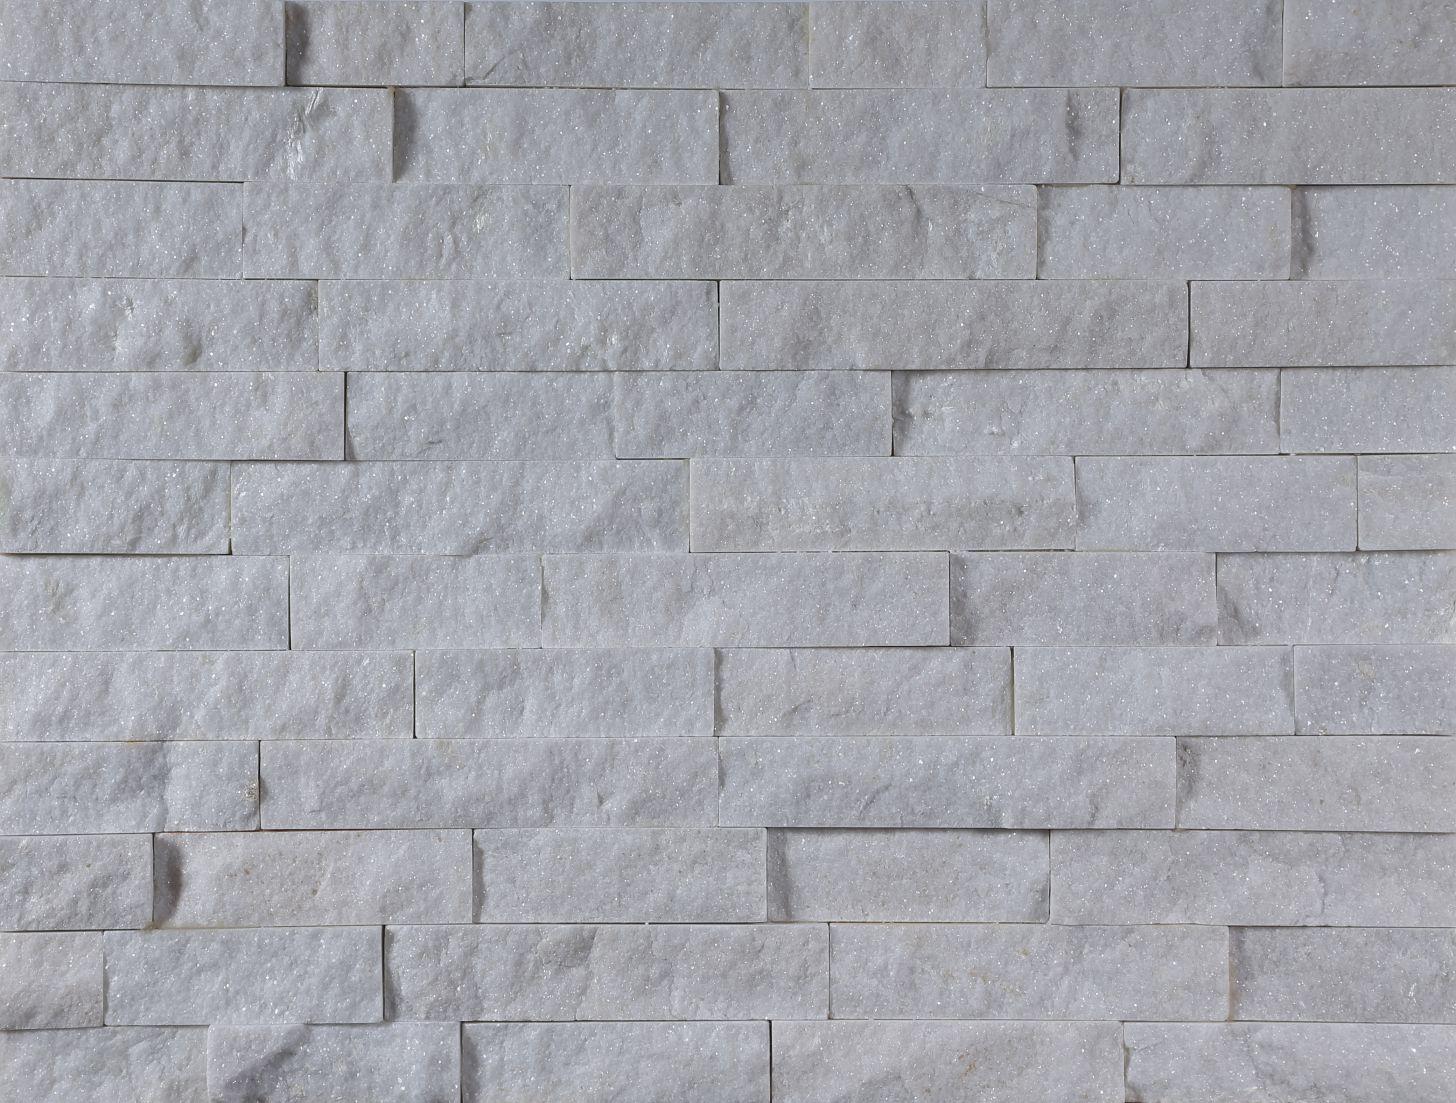 GC-103 White quartz